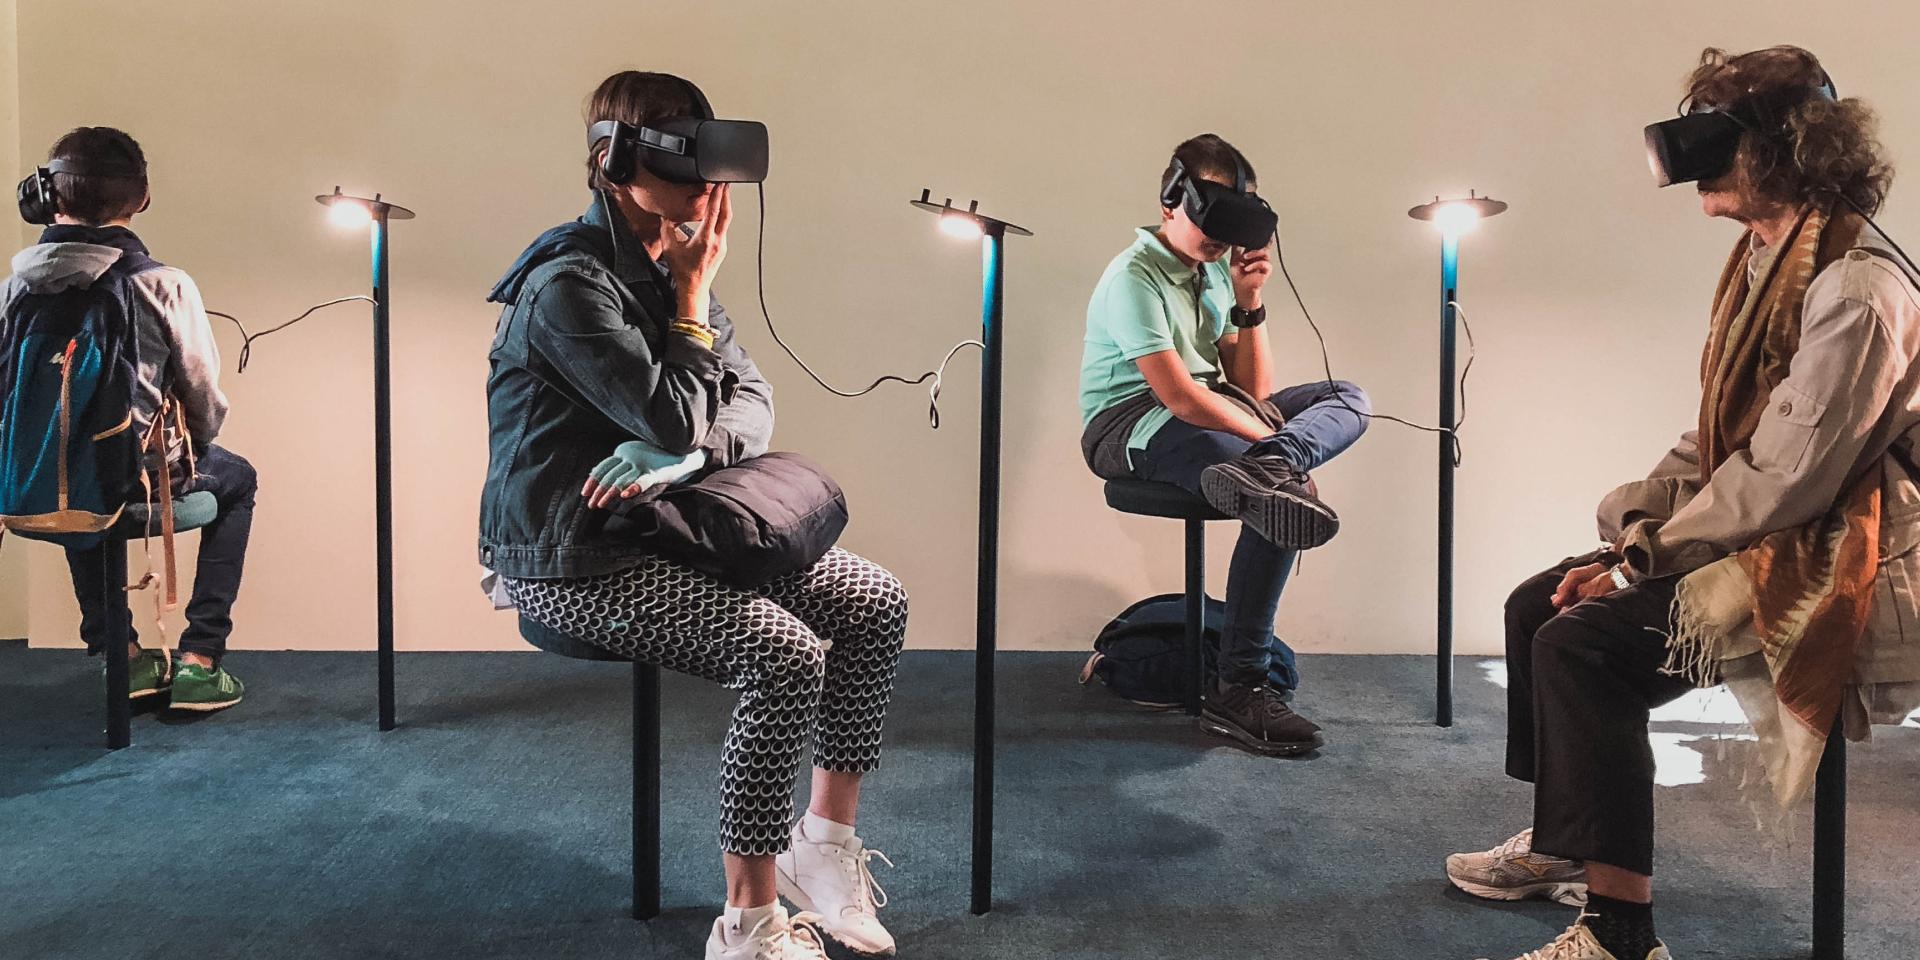 asistentes-realidad-aumentada-inteligencia-artificial